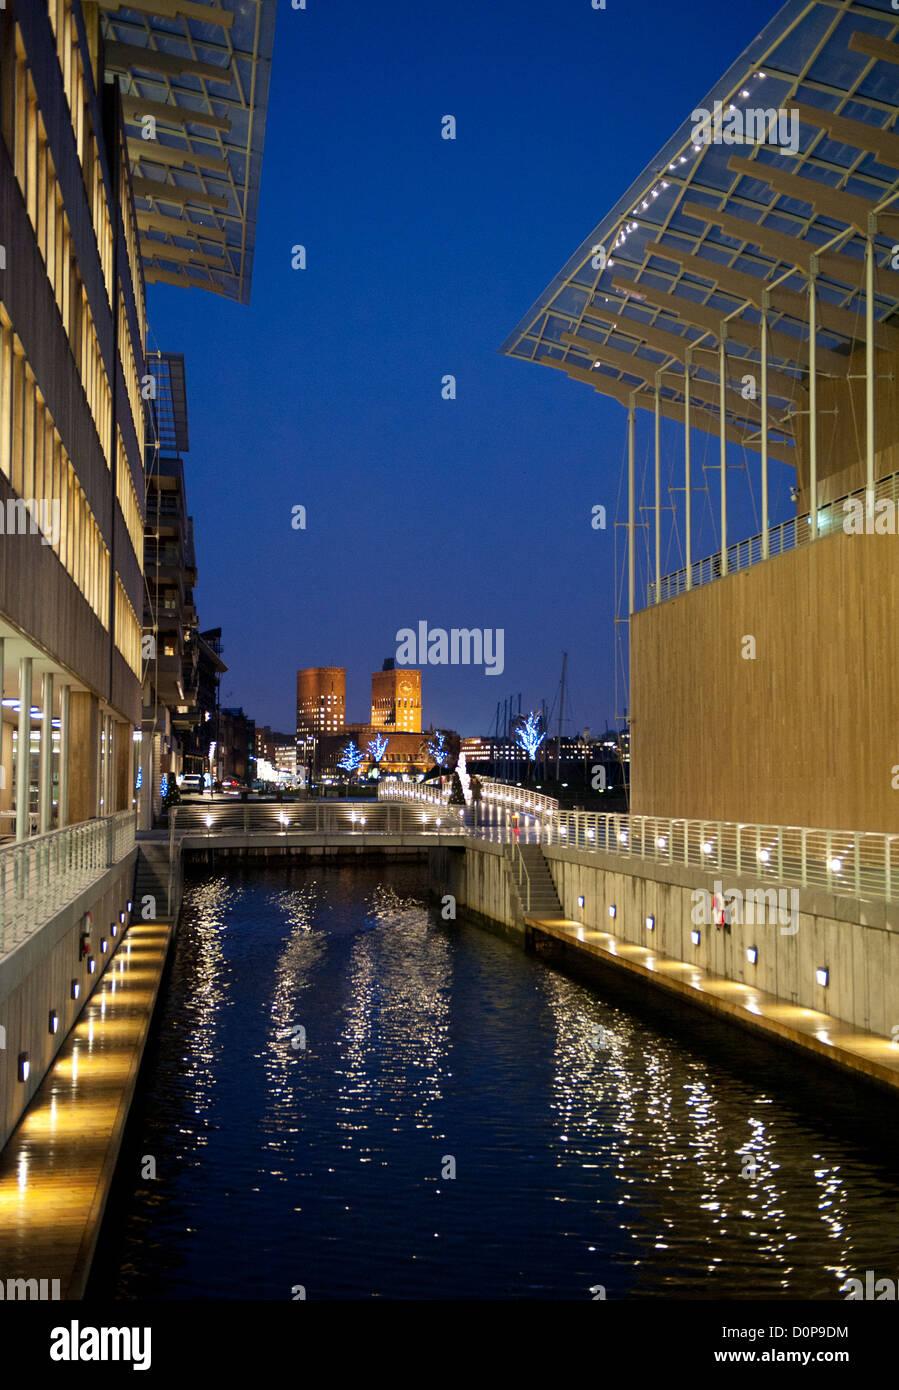 Von Oslo Rathaus von Astrup Fearnley Museet in Tjuvholmen gesehen. Stockbild